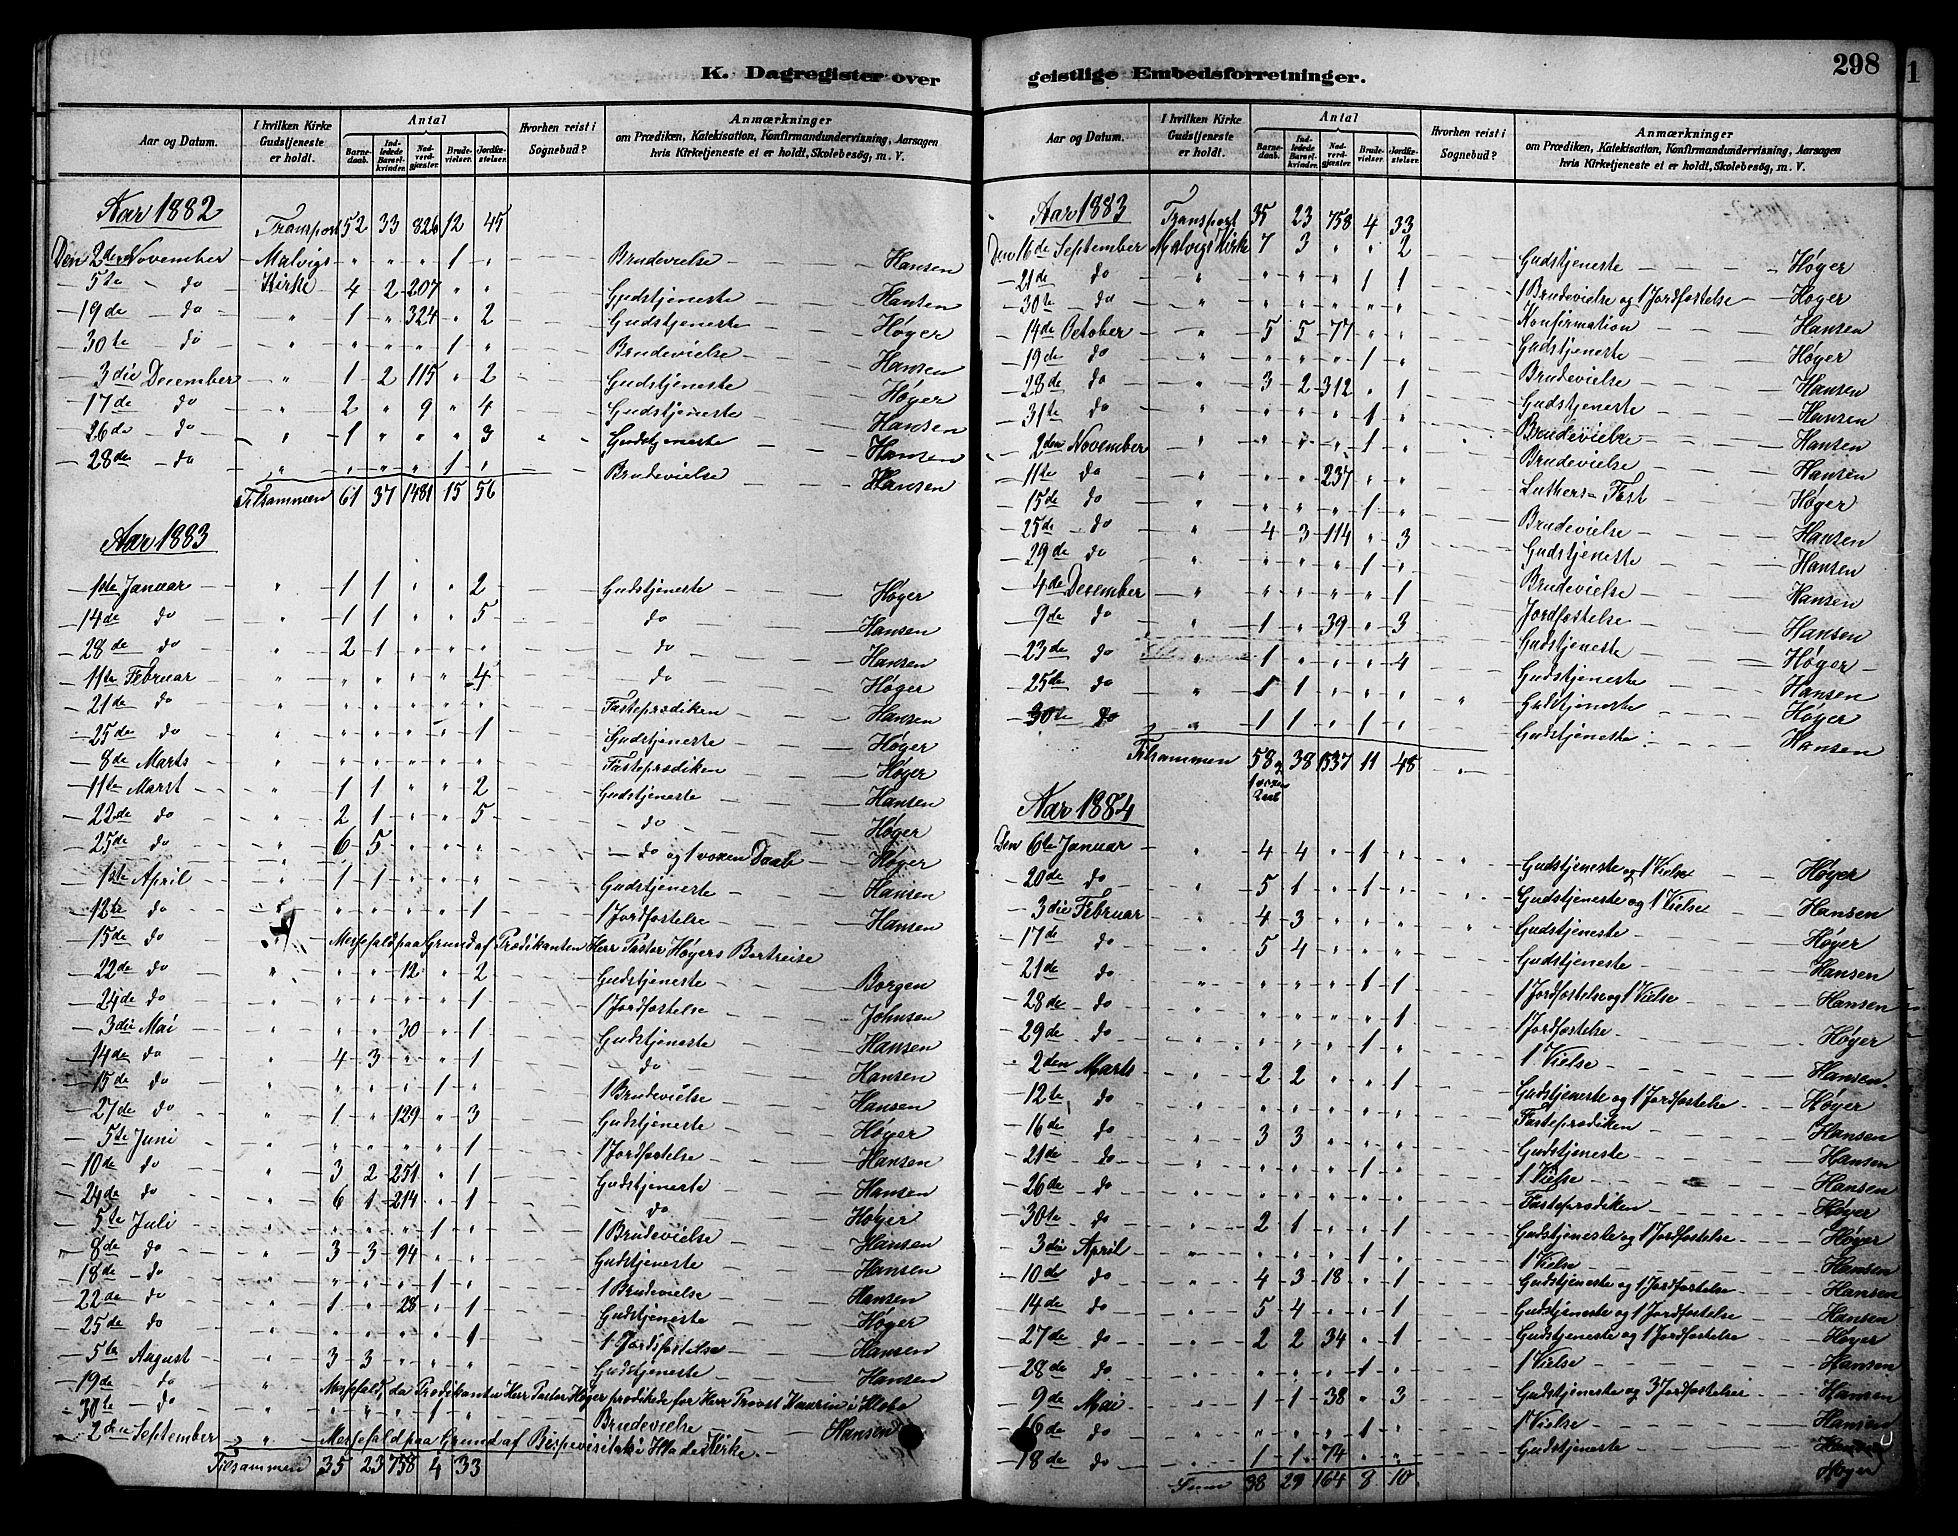 SAT, Ministerialprotokoller, klokkerbøker og fødselsregistre - Sør-Trøndelag, 616/L0423: Klokkerbok nr. 616C06, 1878-1903, s. 298